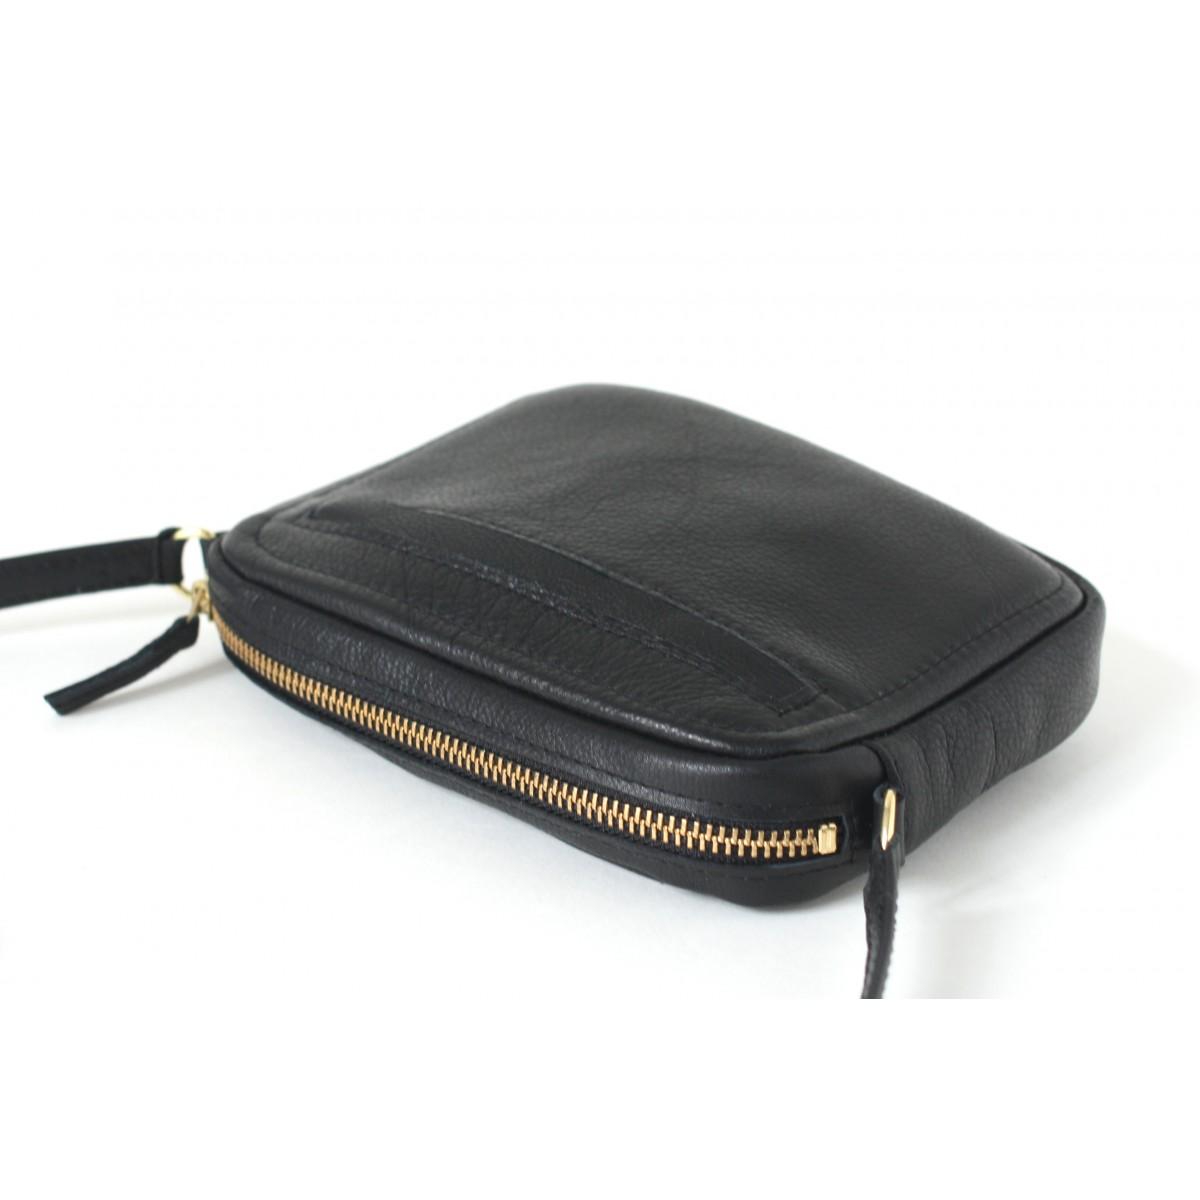 alexbender kleine schultertasche zip echt leder schwarz gold. Black Bedroom Furniture Sets. Home Design Ideas